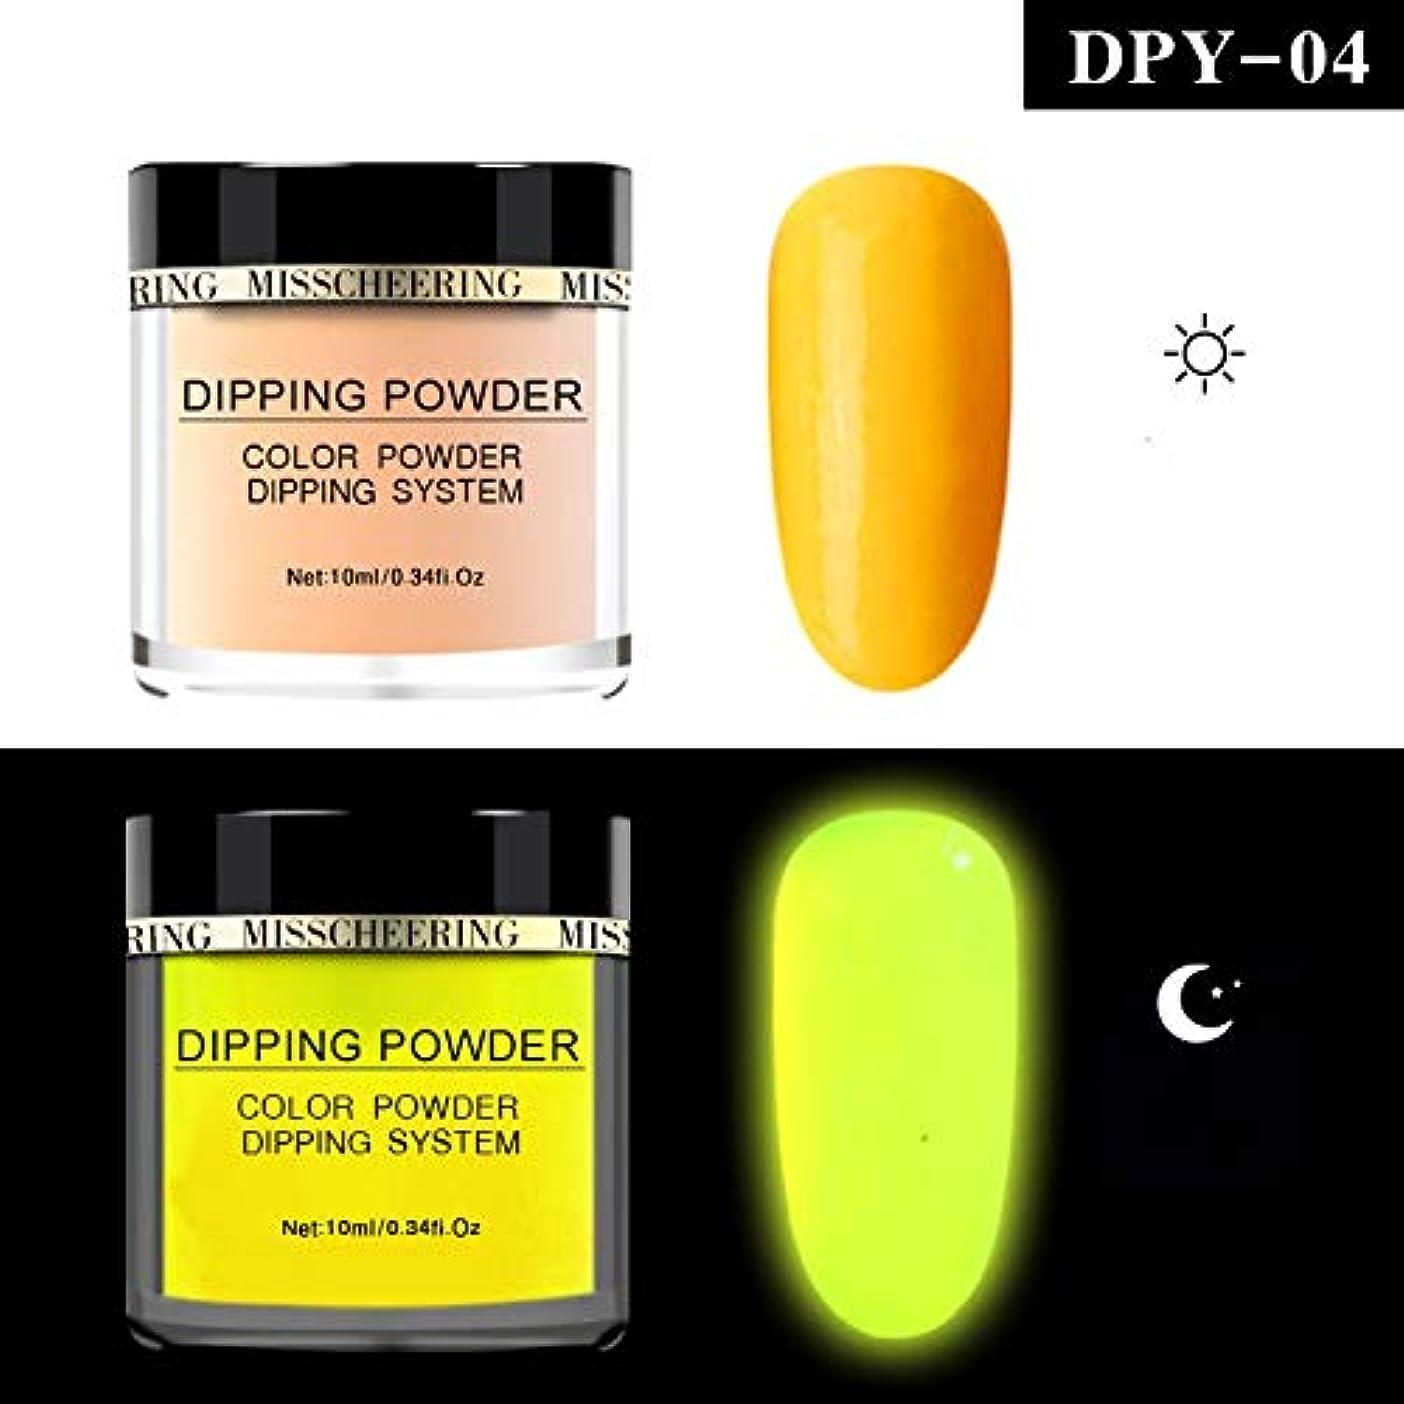 負スティーブンソン交差点10ml Luminous Nail Powder Fluorescent Art Pigment Dipping Glitter Decoration Natural Dry NO Lamp Cure Long Last